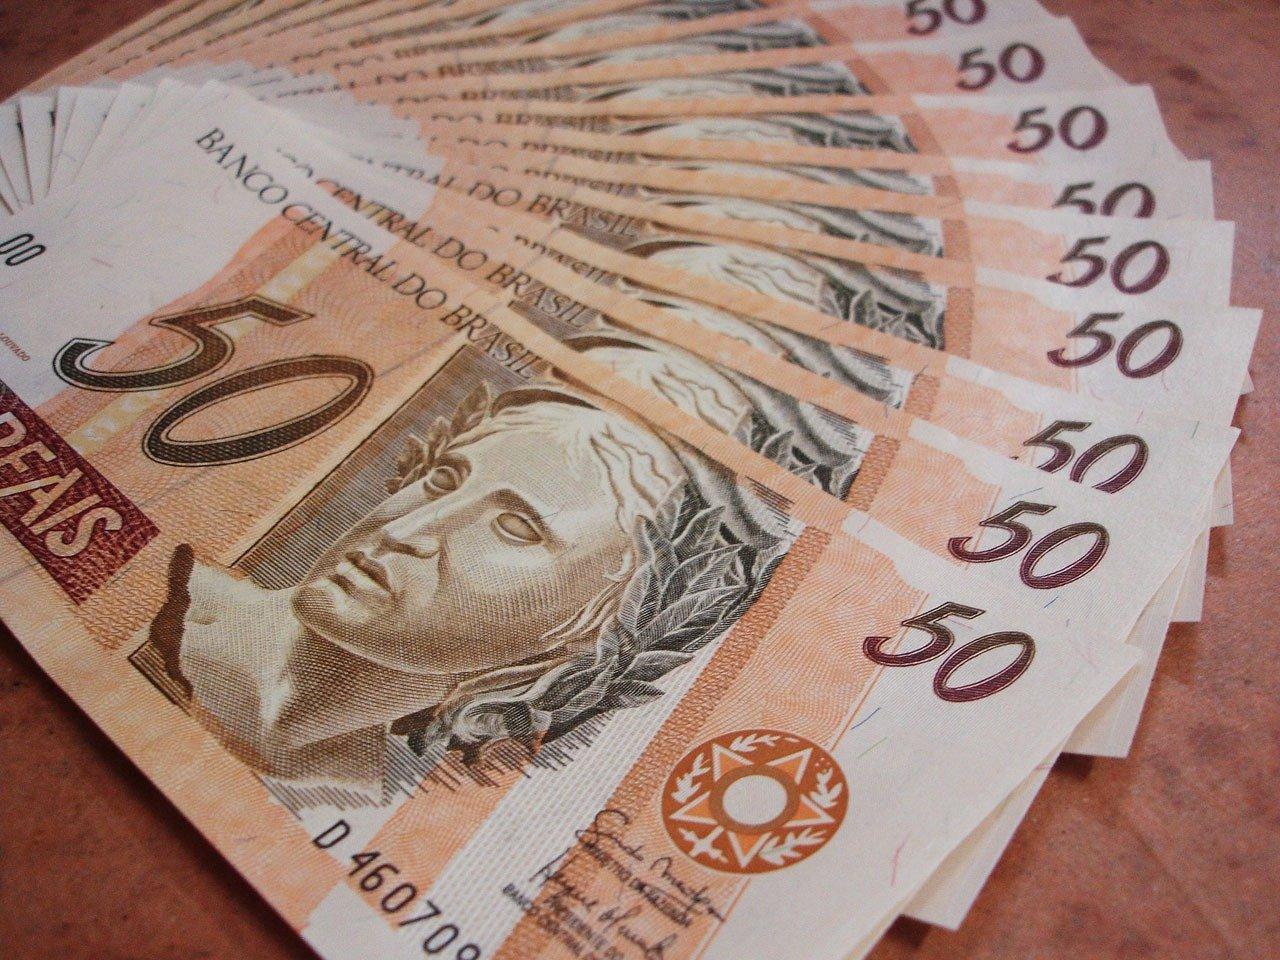 Notas de R$ 50. Salário mínimo 2021